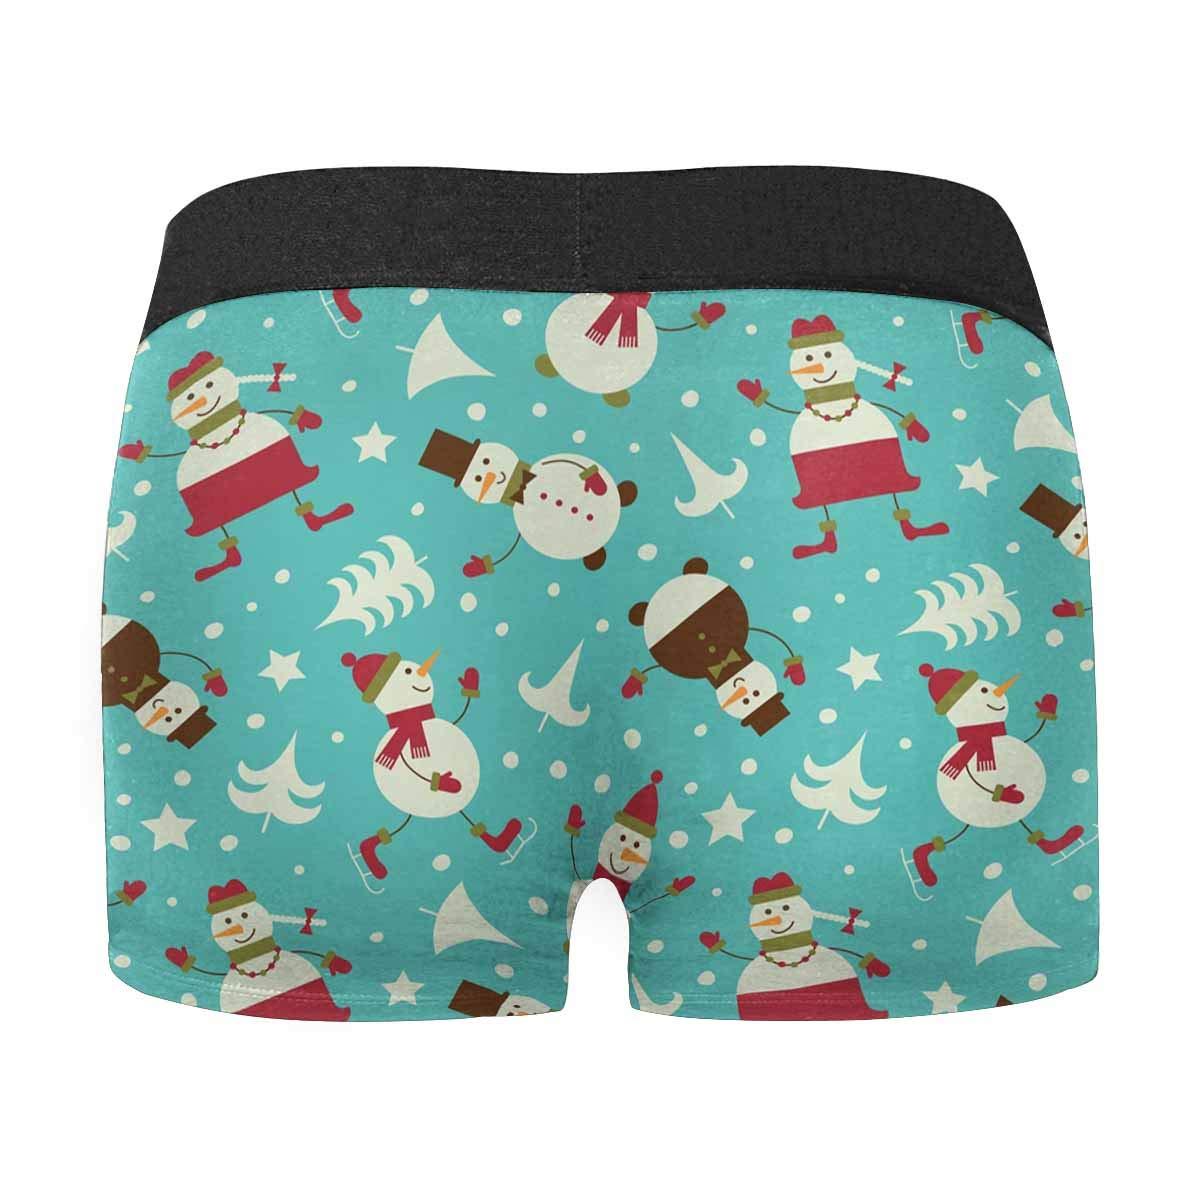 INTERESTPRINT Mens Boxer Briefs Underwear Cute Christmas Snowman XS-3XL